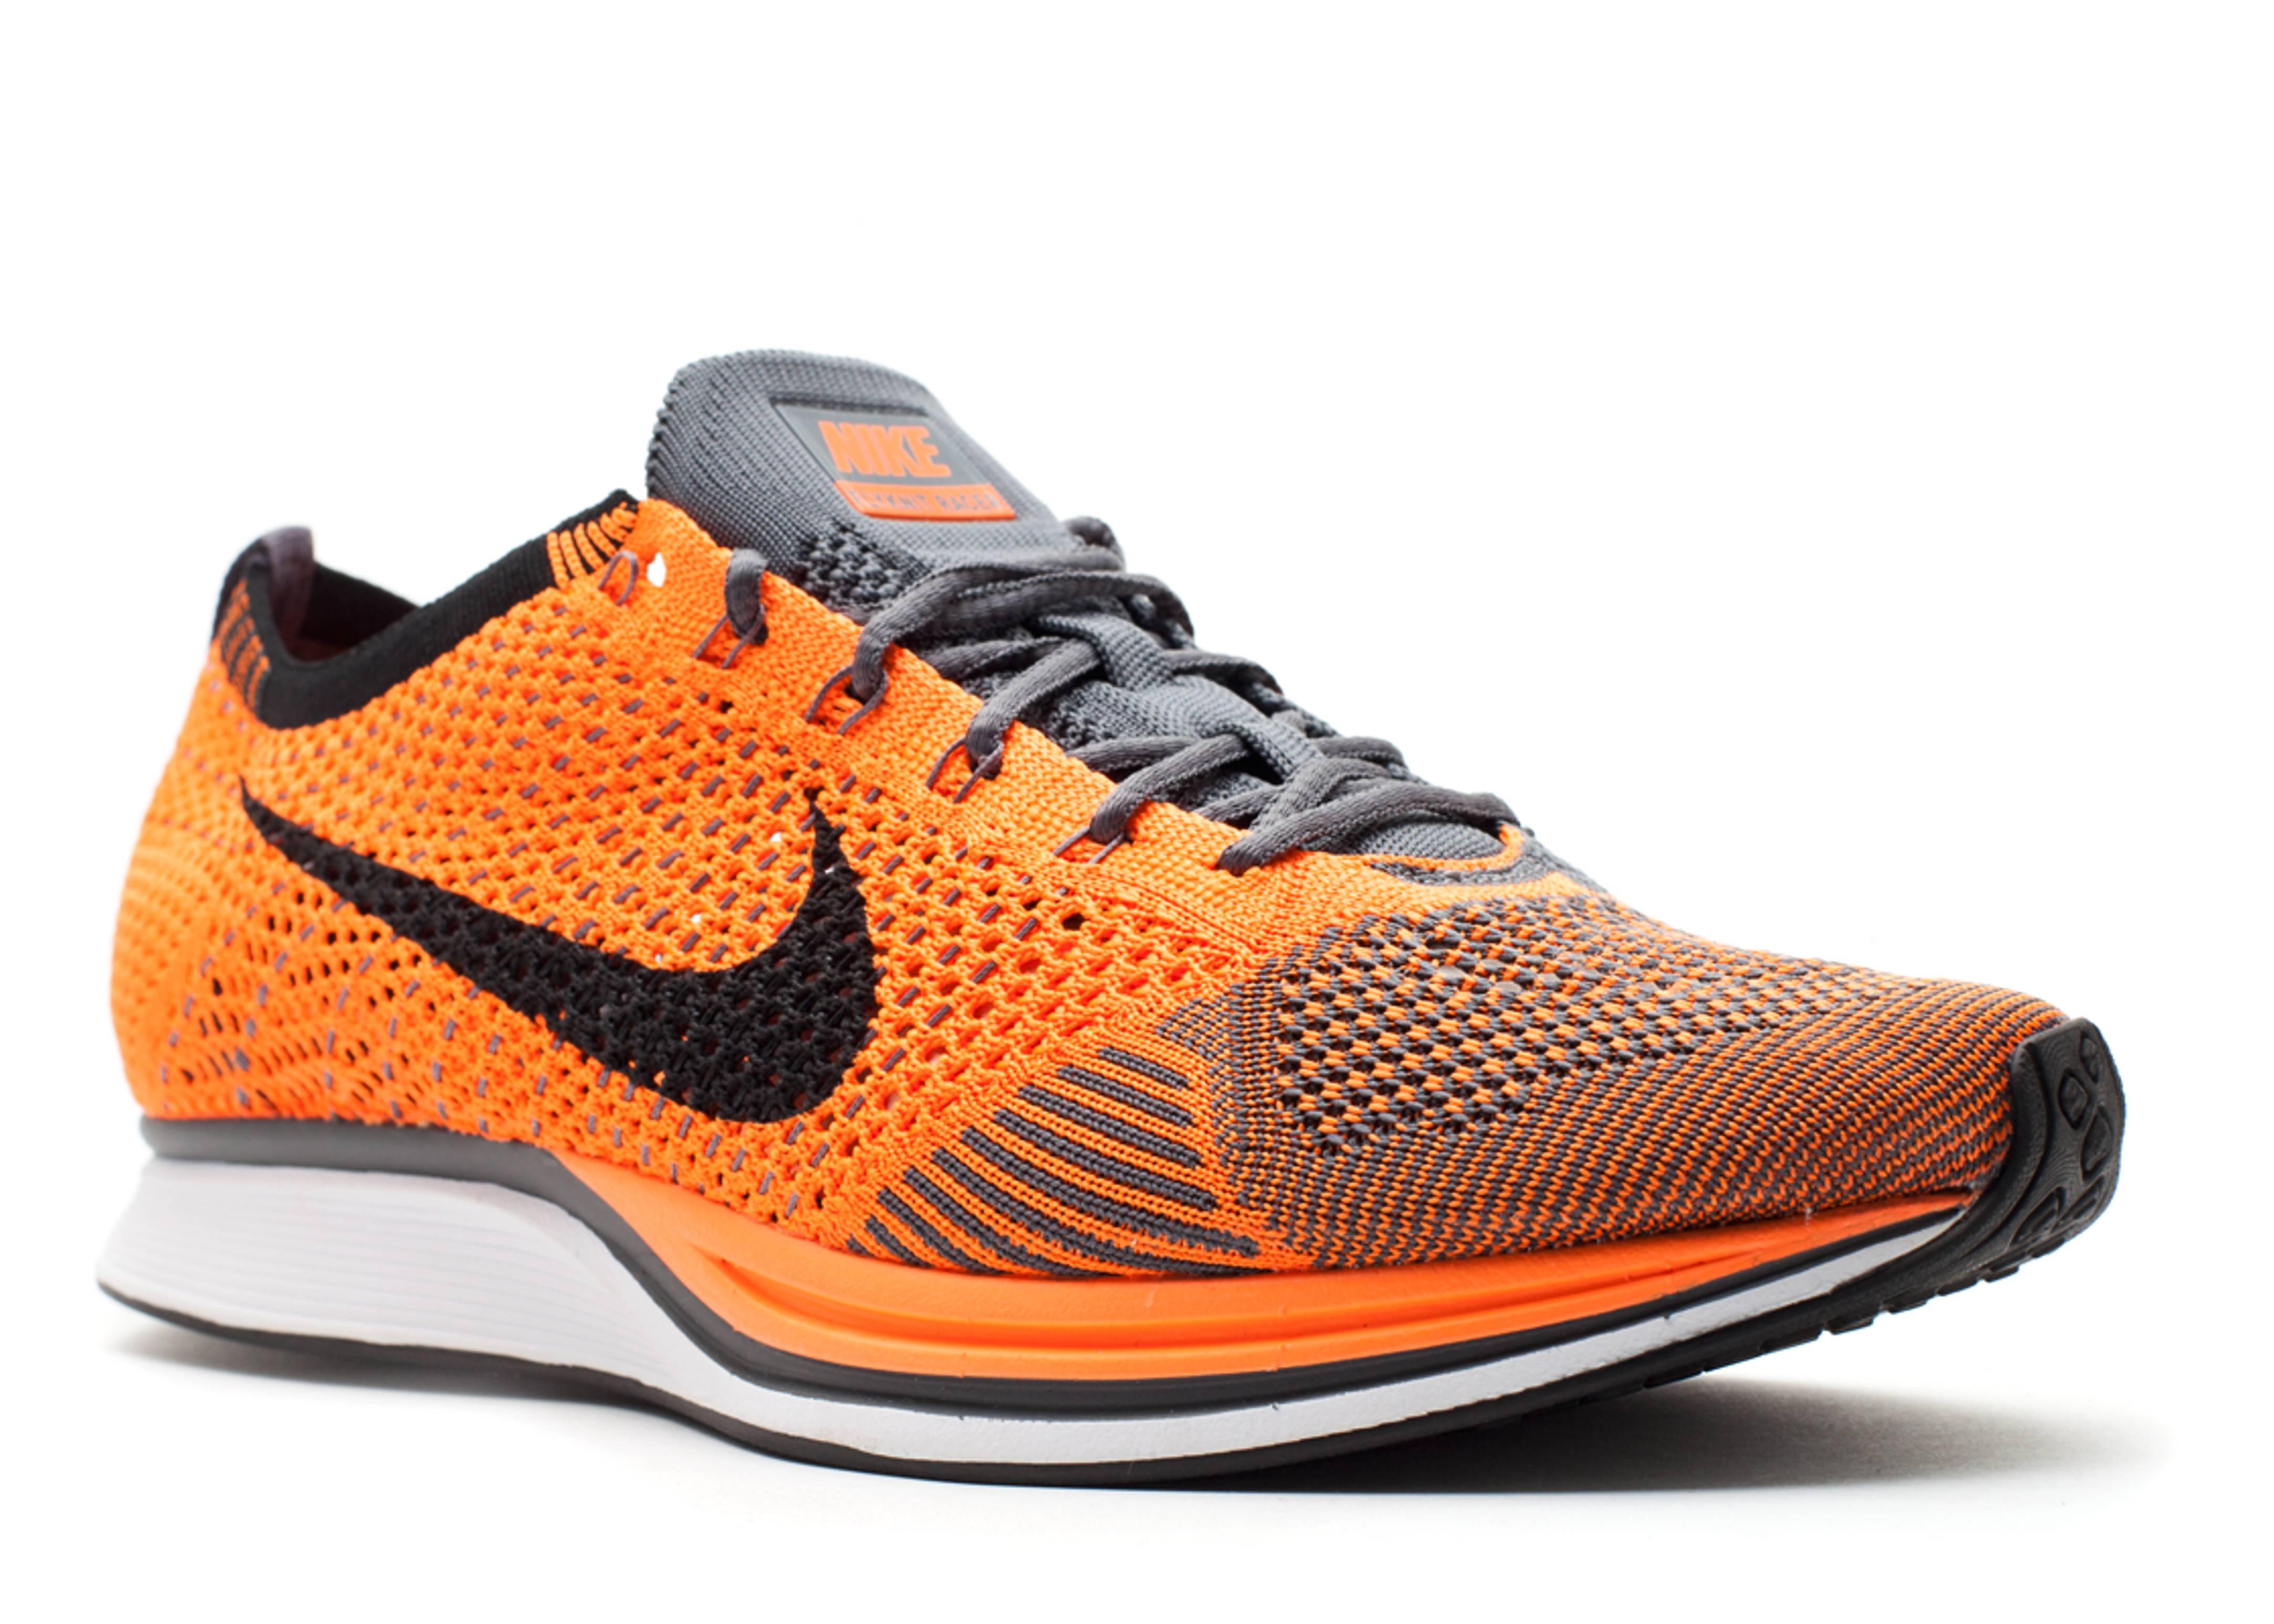 Nike Flyknit Racer Orange